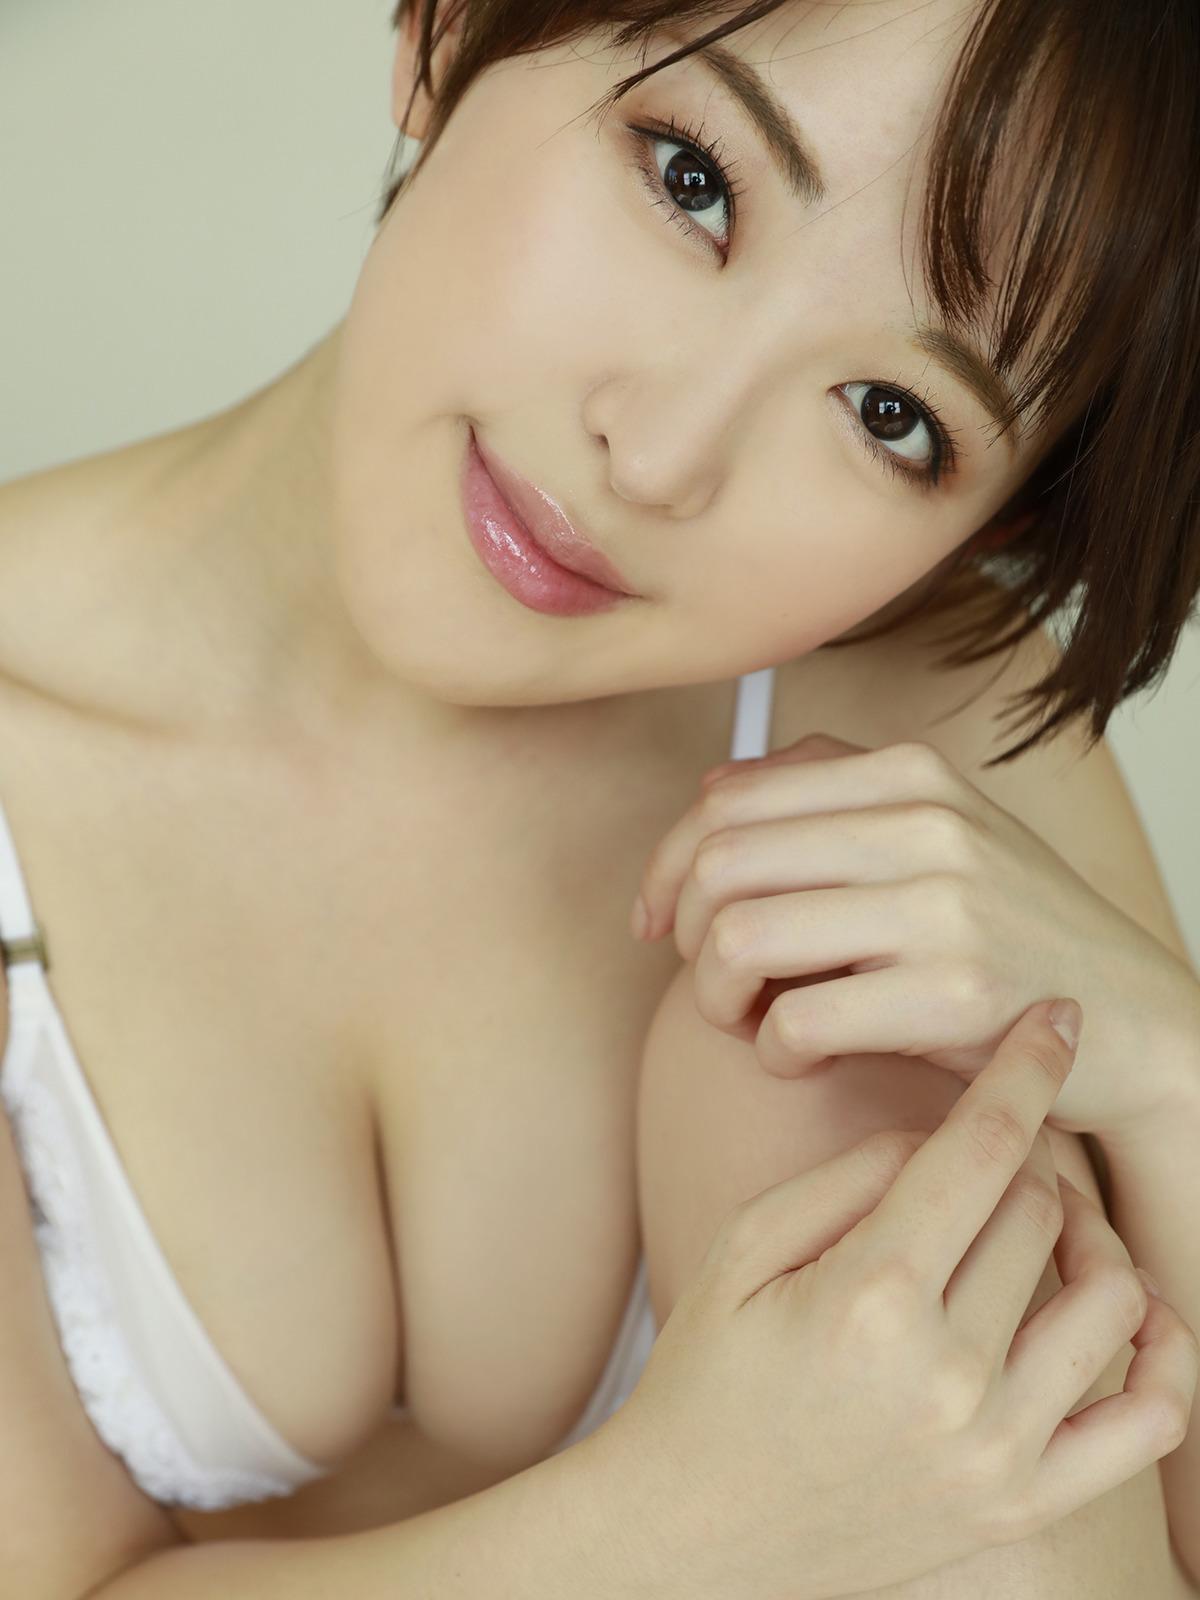 S級美少女のJK高校生が胸チラでオナニーがはかどる画像